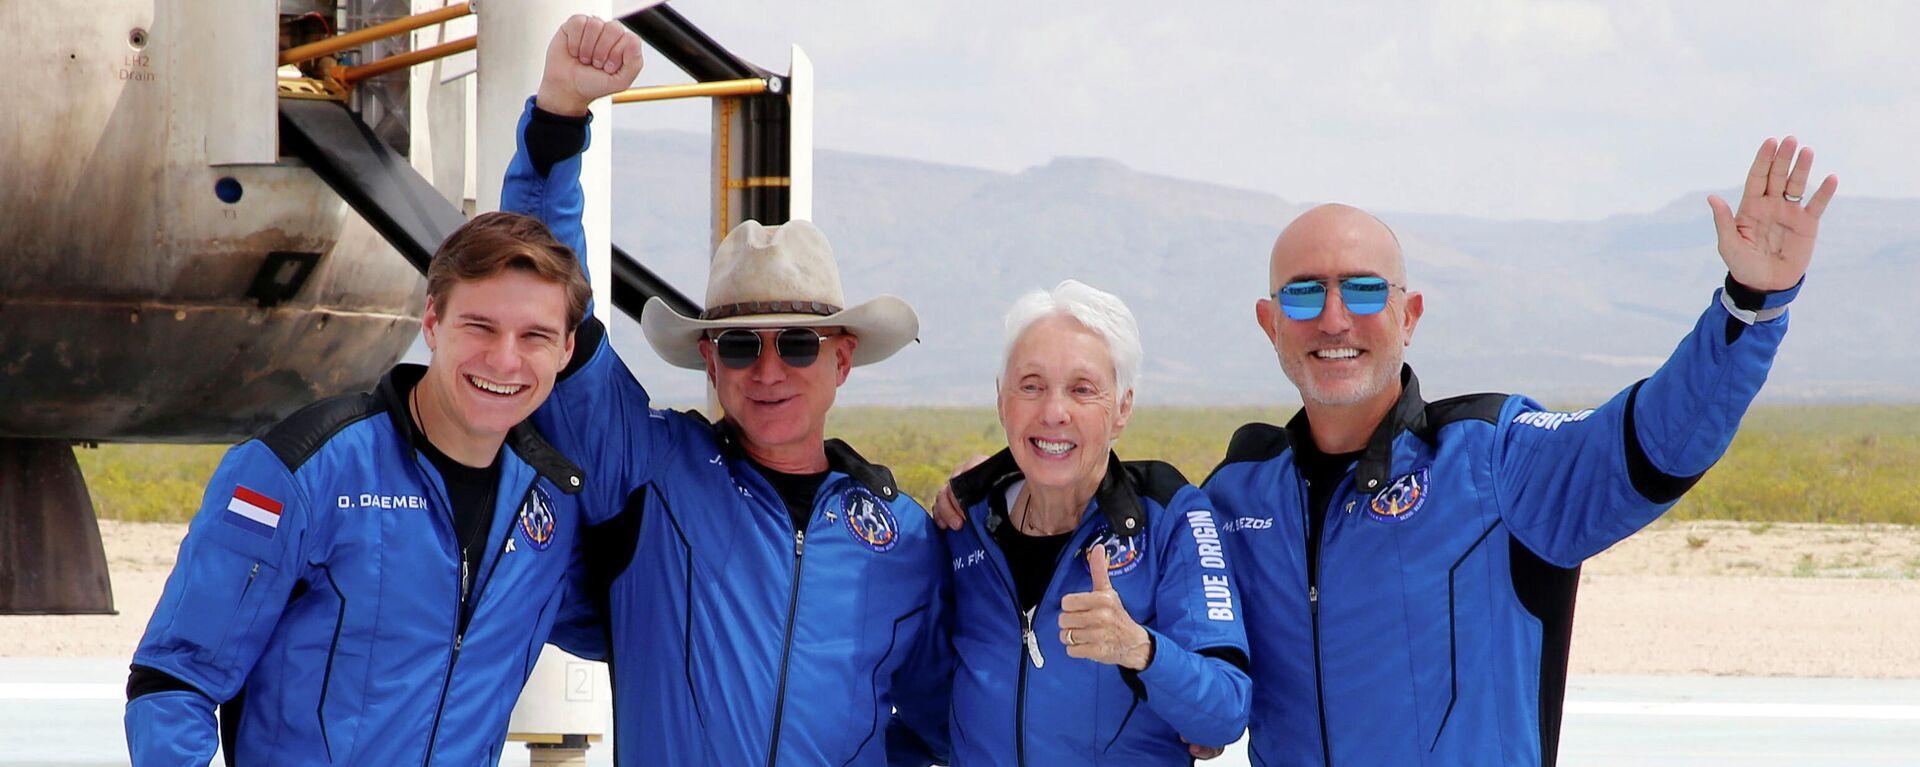 Der US-Milliardär Jeff Bezos ist mit drei Begleitern bis an die Grenze des Weltalls geflogen - SNA, 1920, 20.07.2021